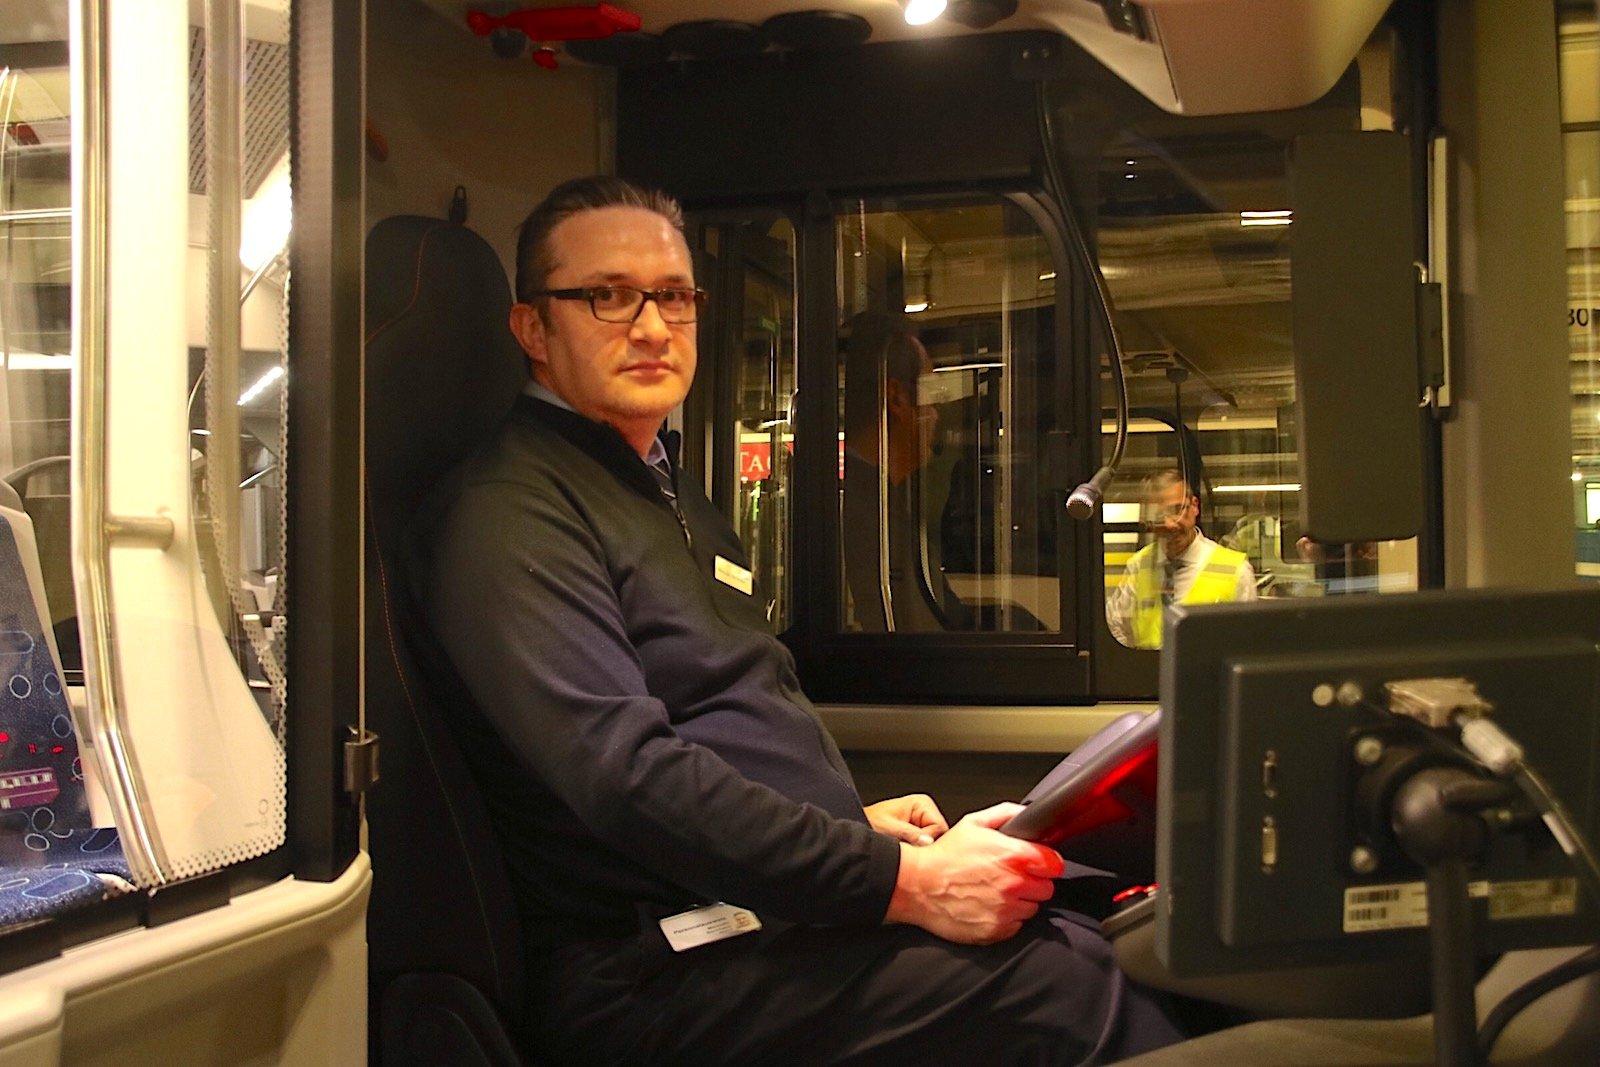 Der Zuger «Exil-Chauffeur» Mersudin Becirbasic am Steuer eines VBZ-Busses.